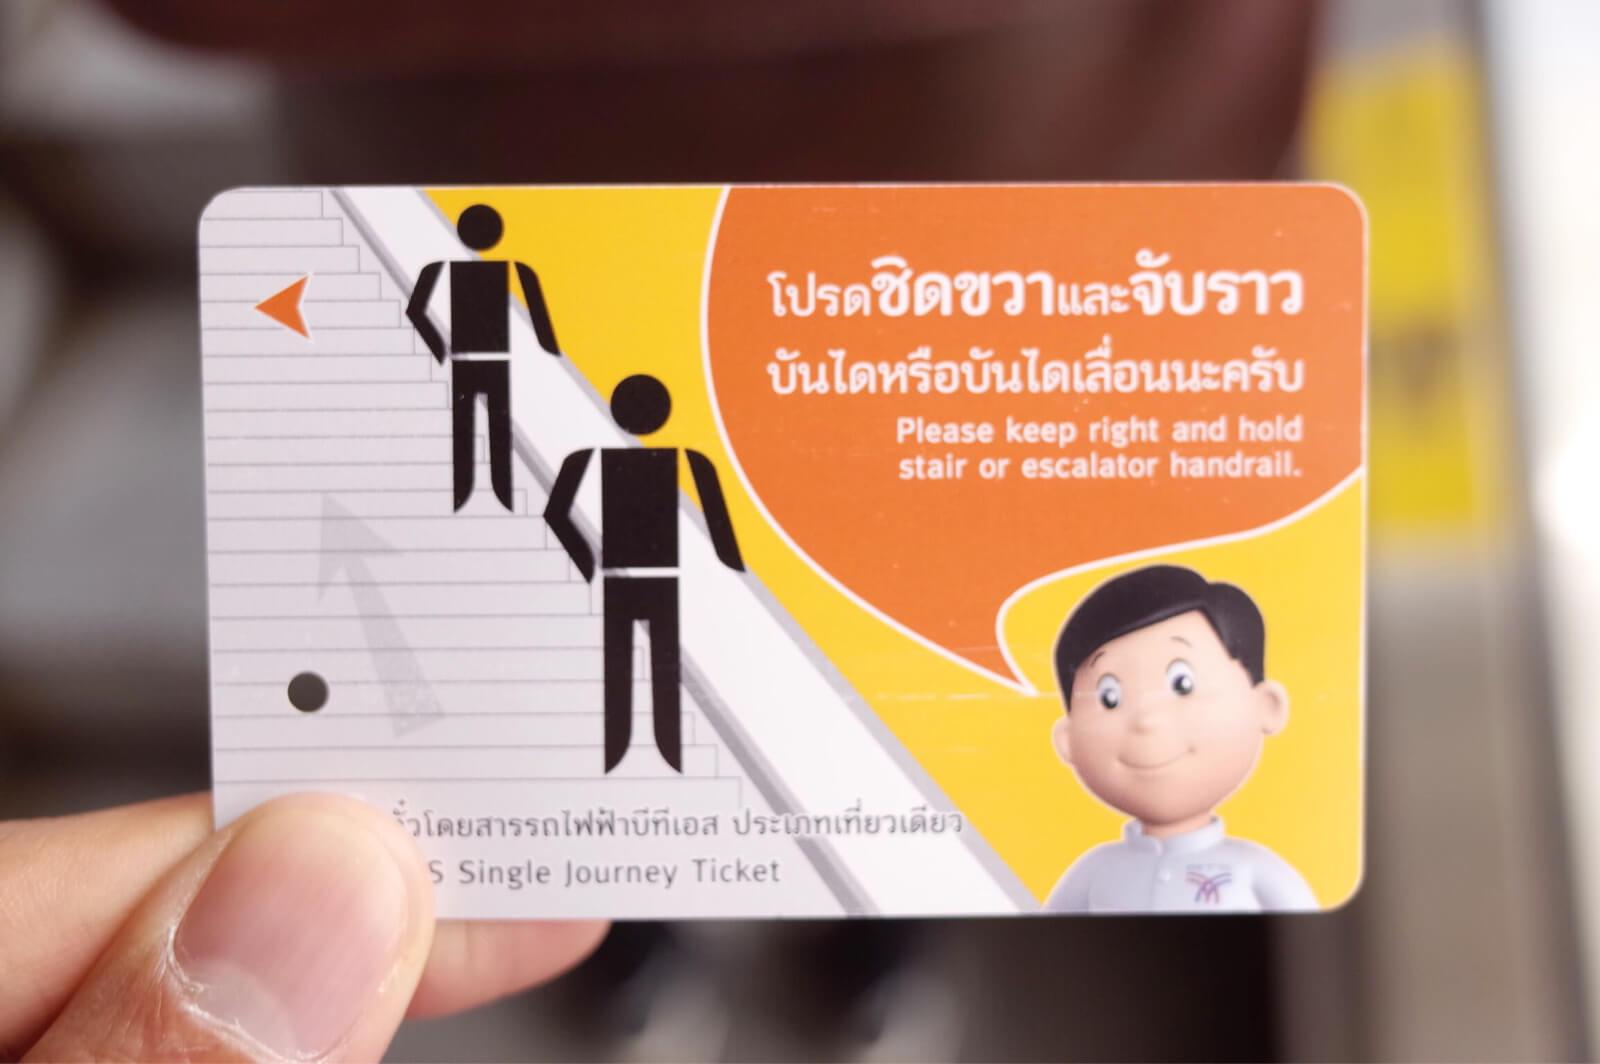 BTS サラデーン駅 乗車カード